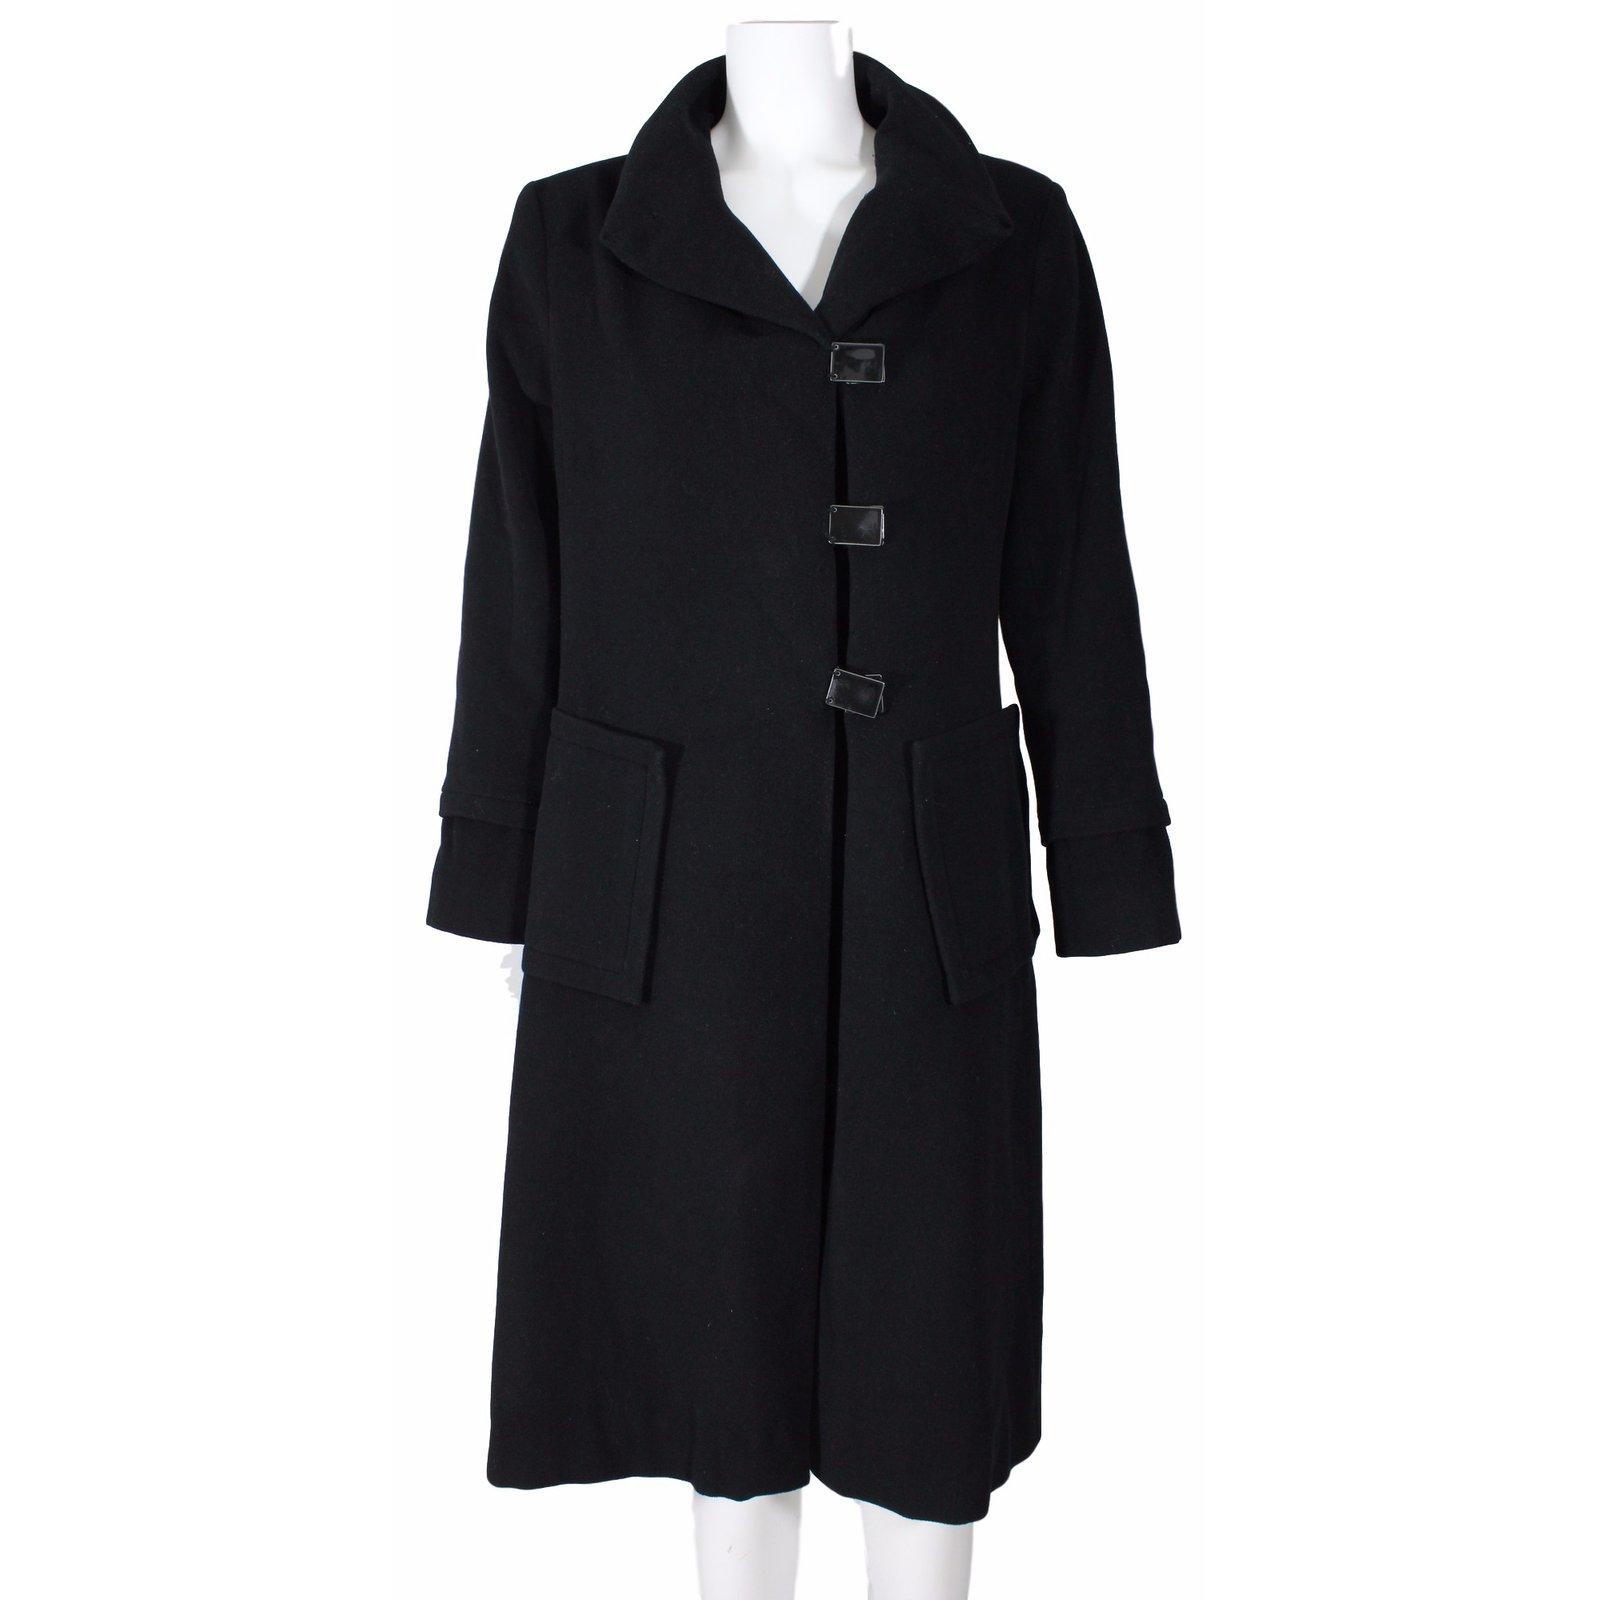 manteaux zapa manteau laine laine noir joli closet. Black Bedroom Furniture Sets. Home Design Ideas